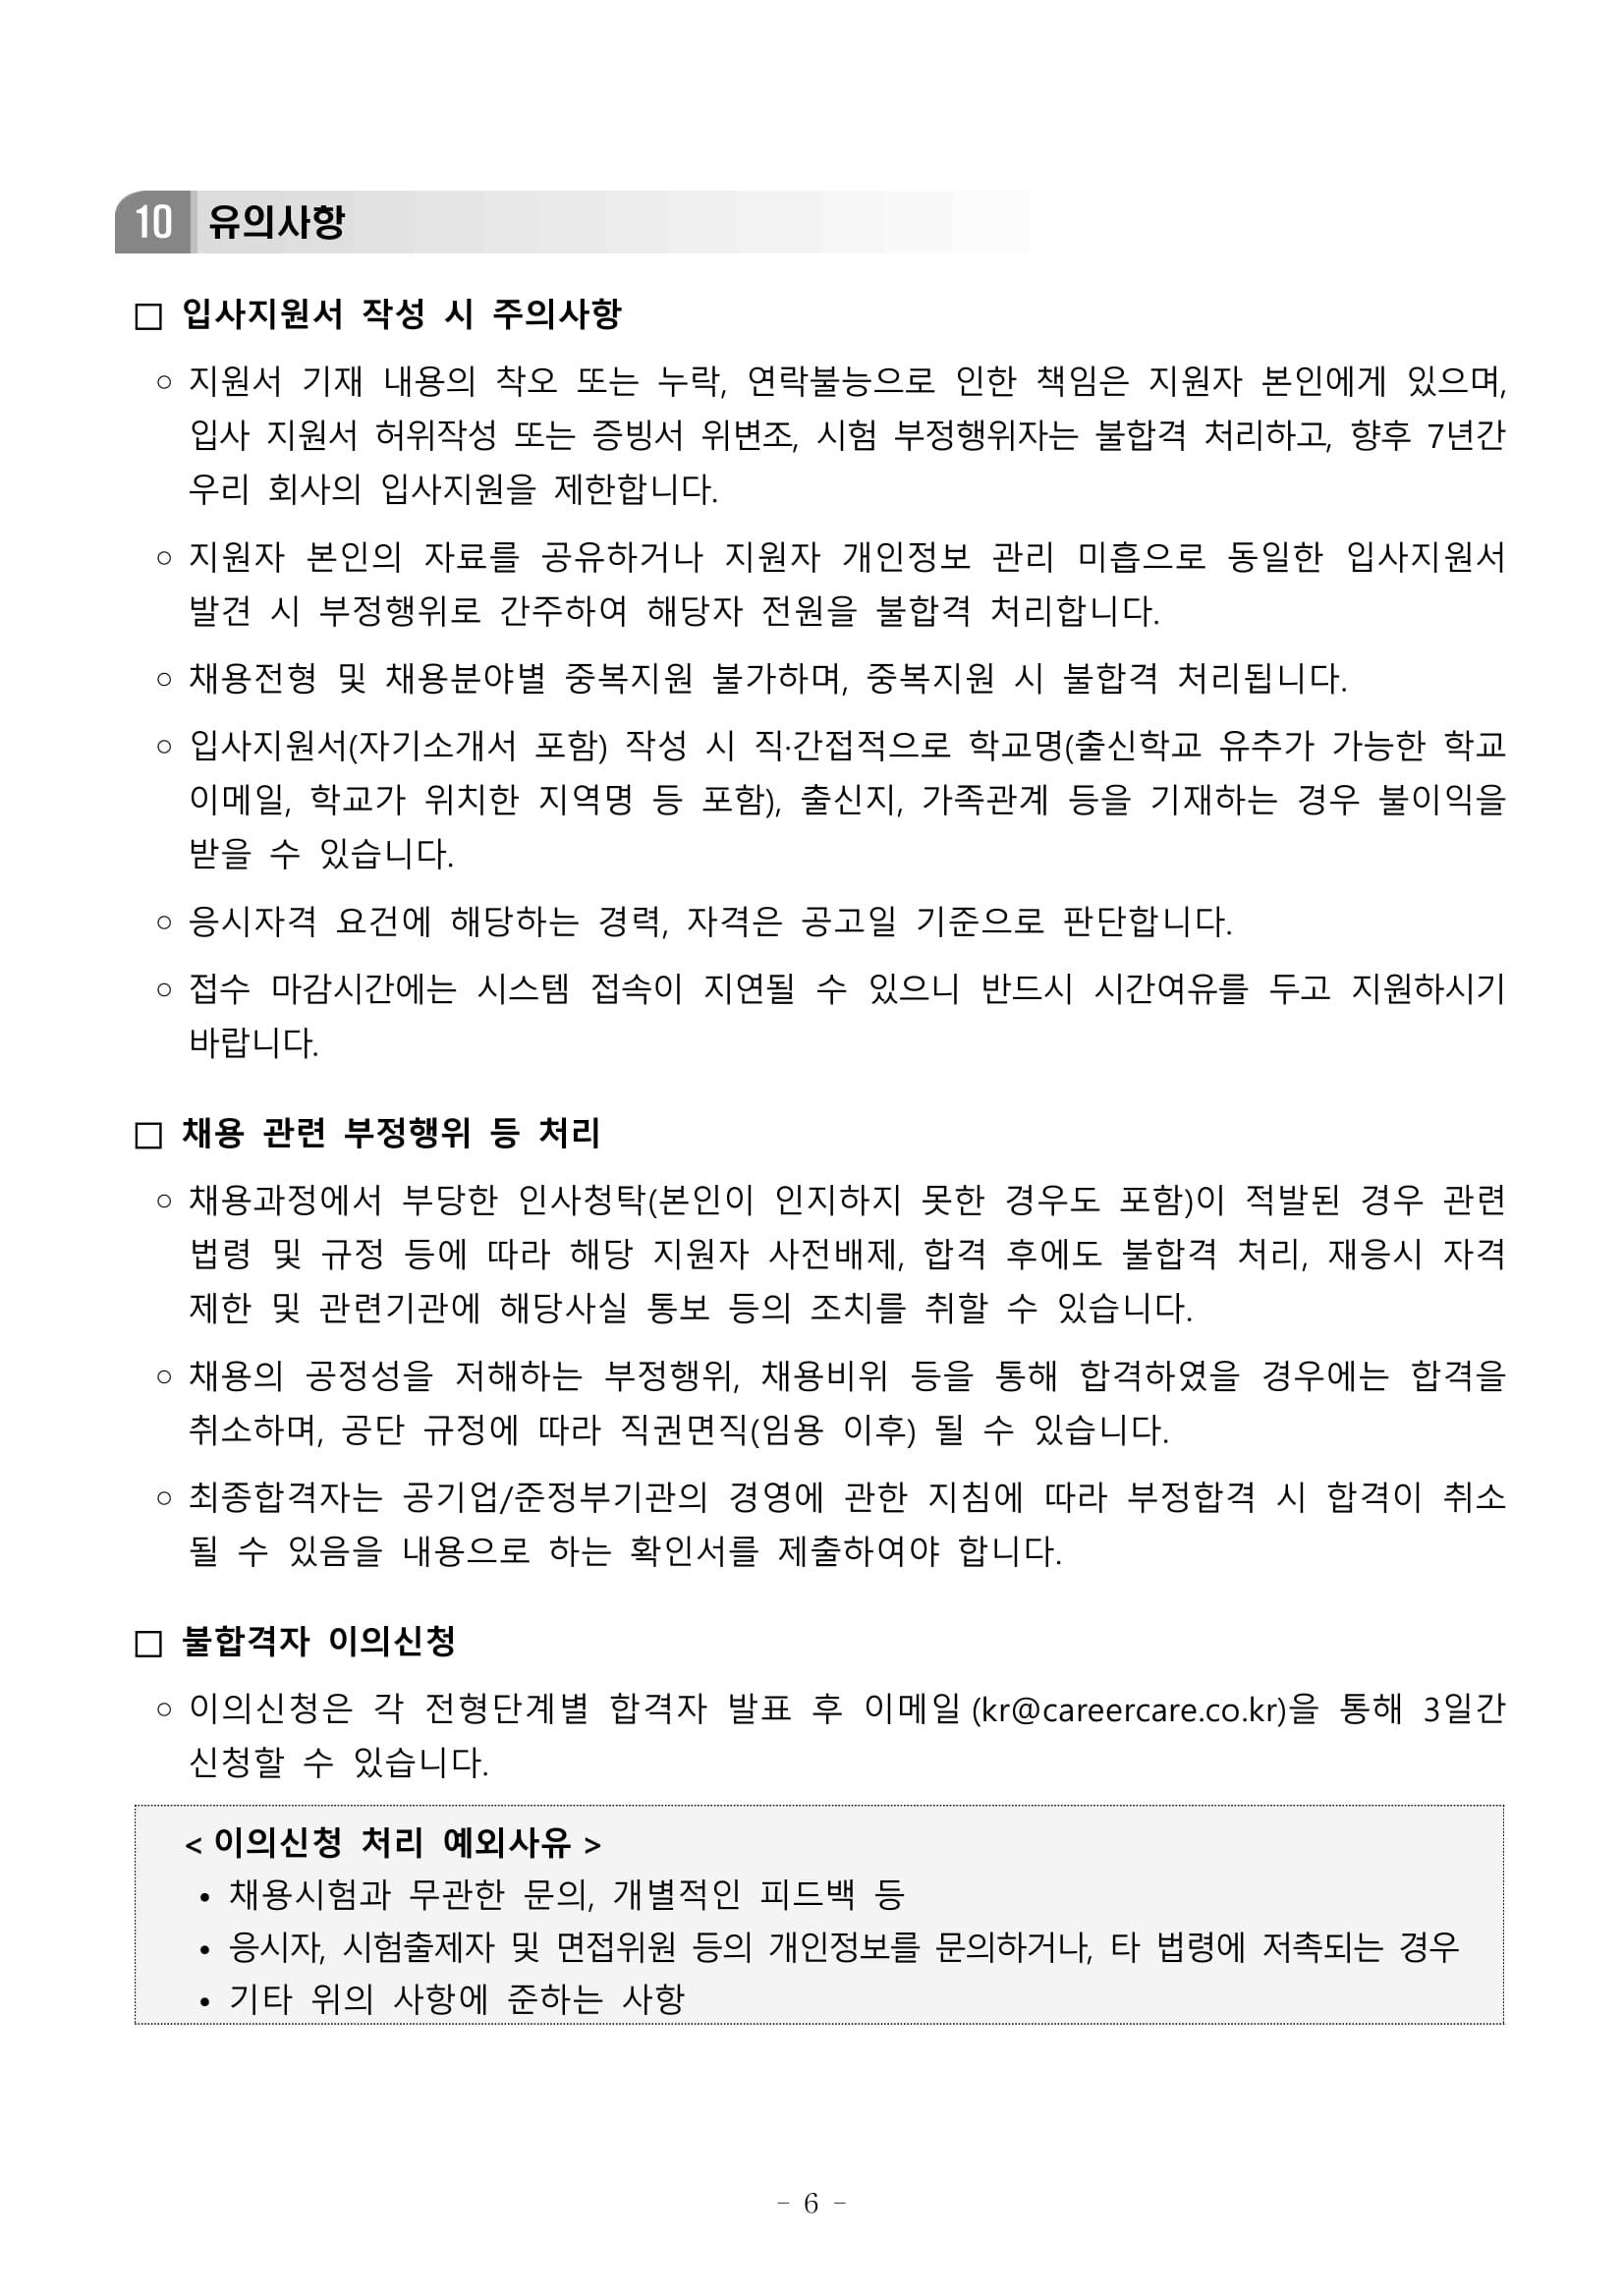 한국철도시설공단 채용공고문 06